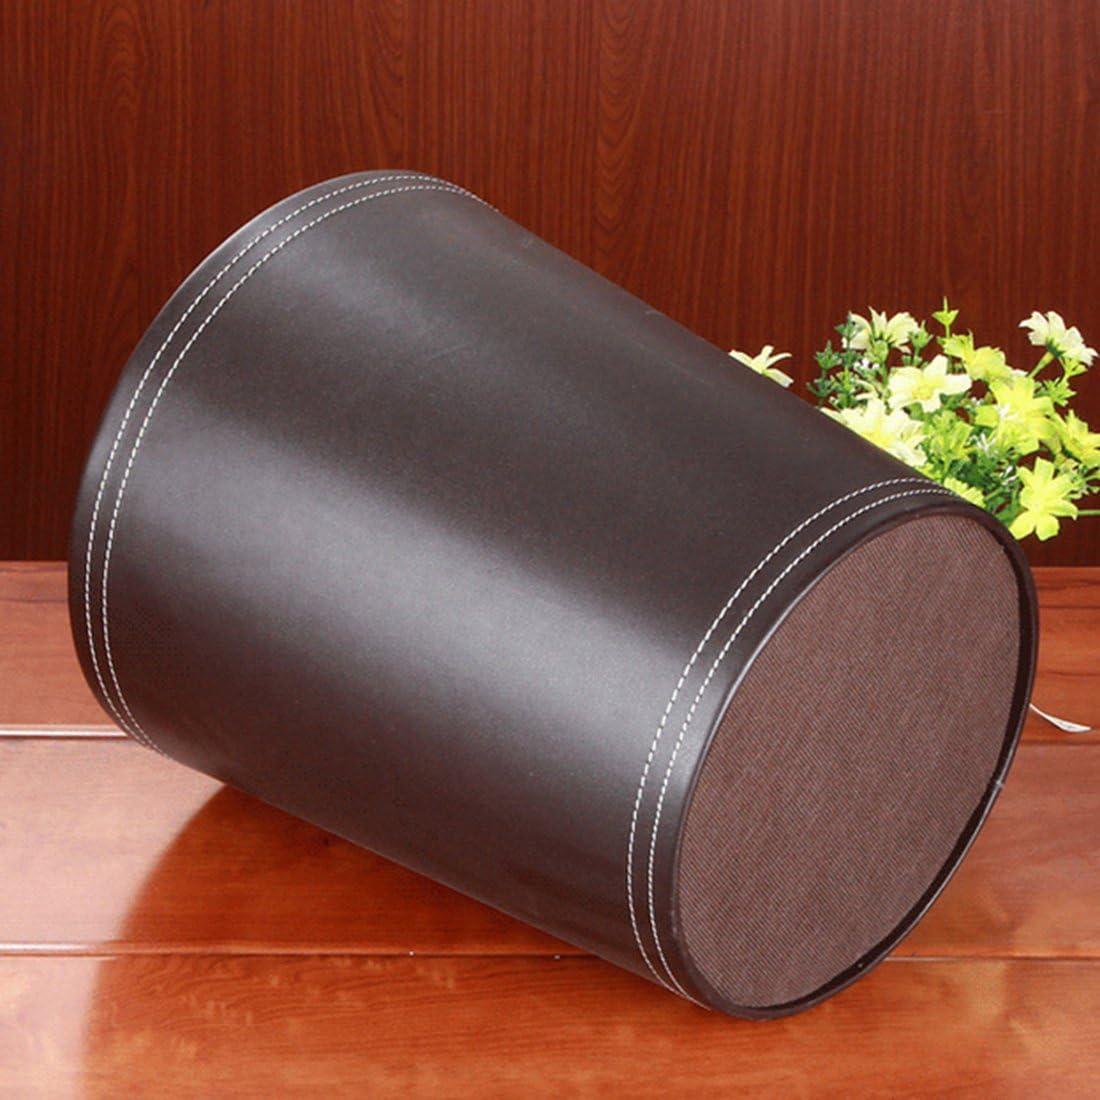 10L Wasserdicht Leder Schwarz Papierkorb M/ülleimer f/ür B/üro Wohnzimmer Schlafzimmer Batop Papierkorb B/üro 24.5x24.5x28cm